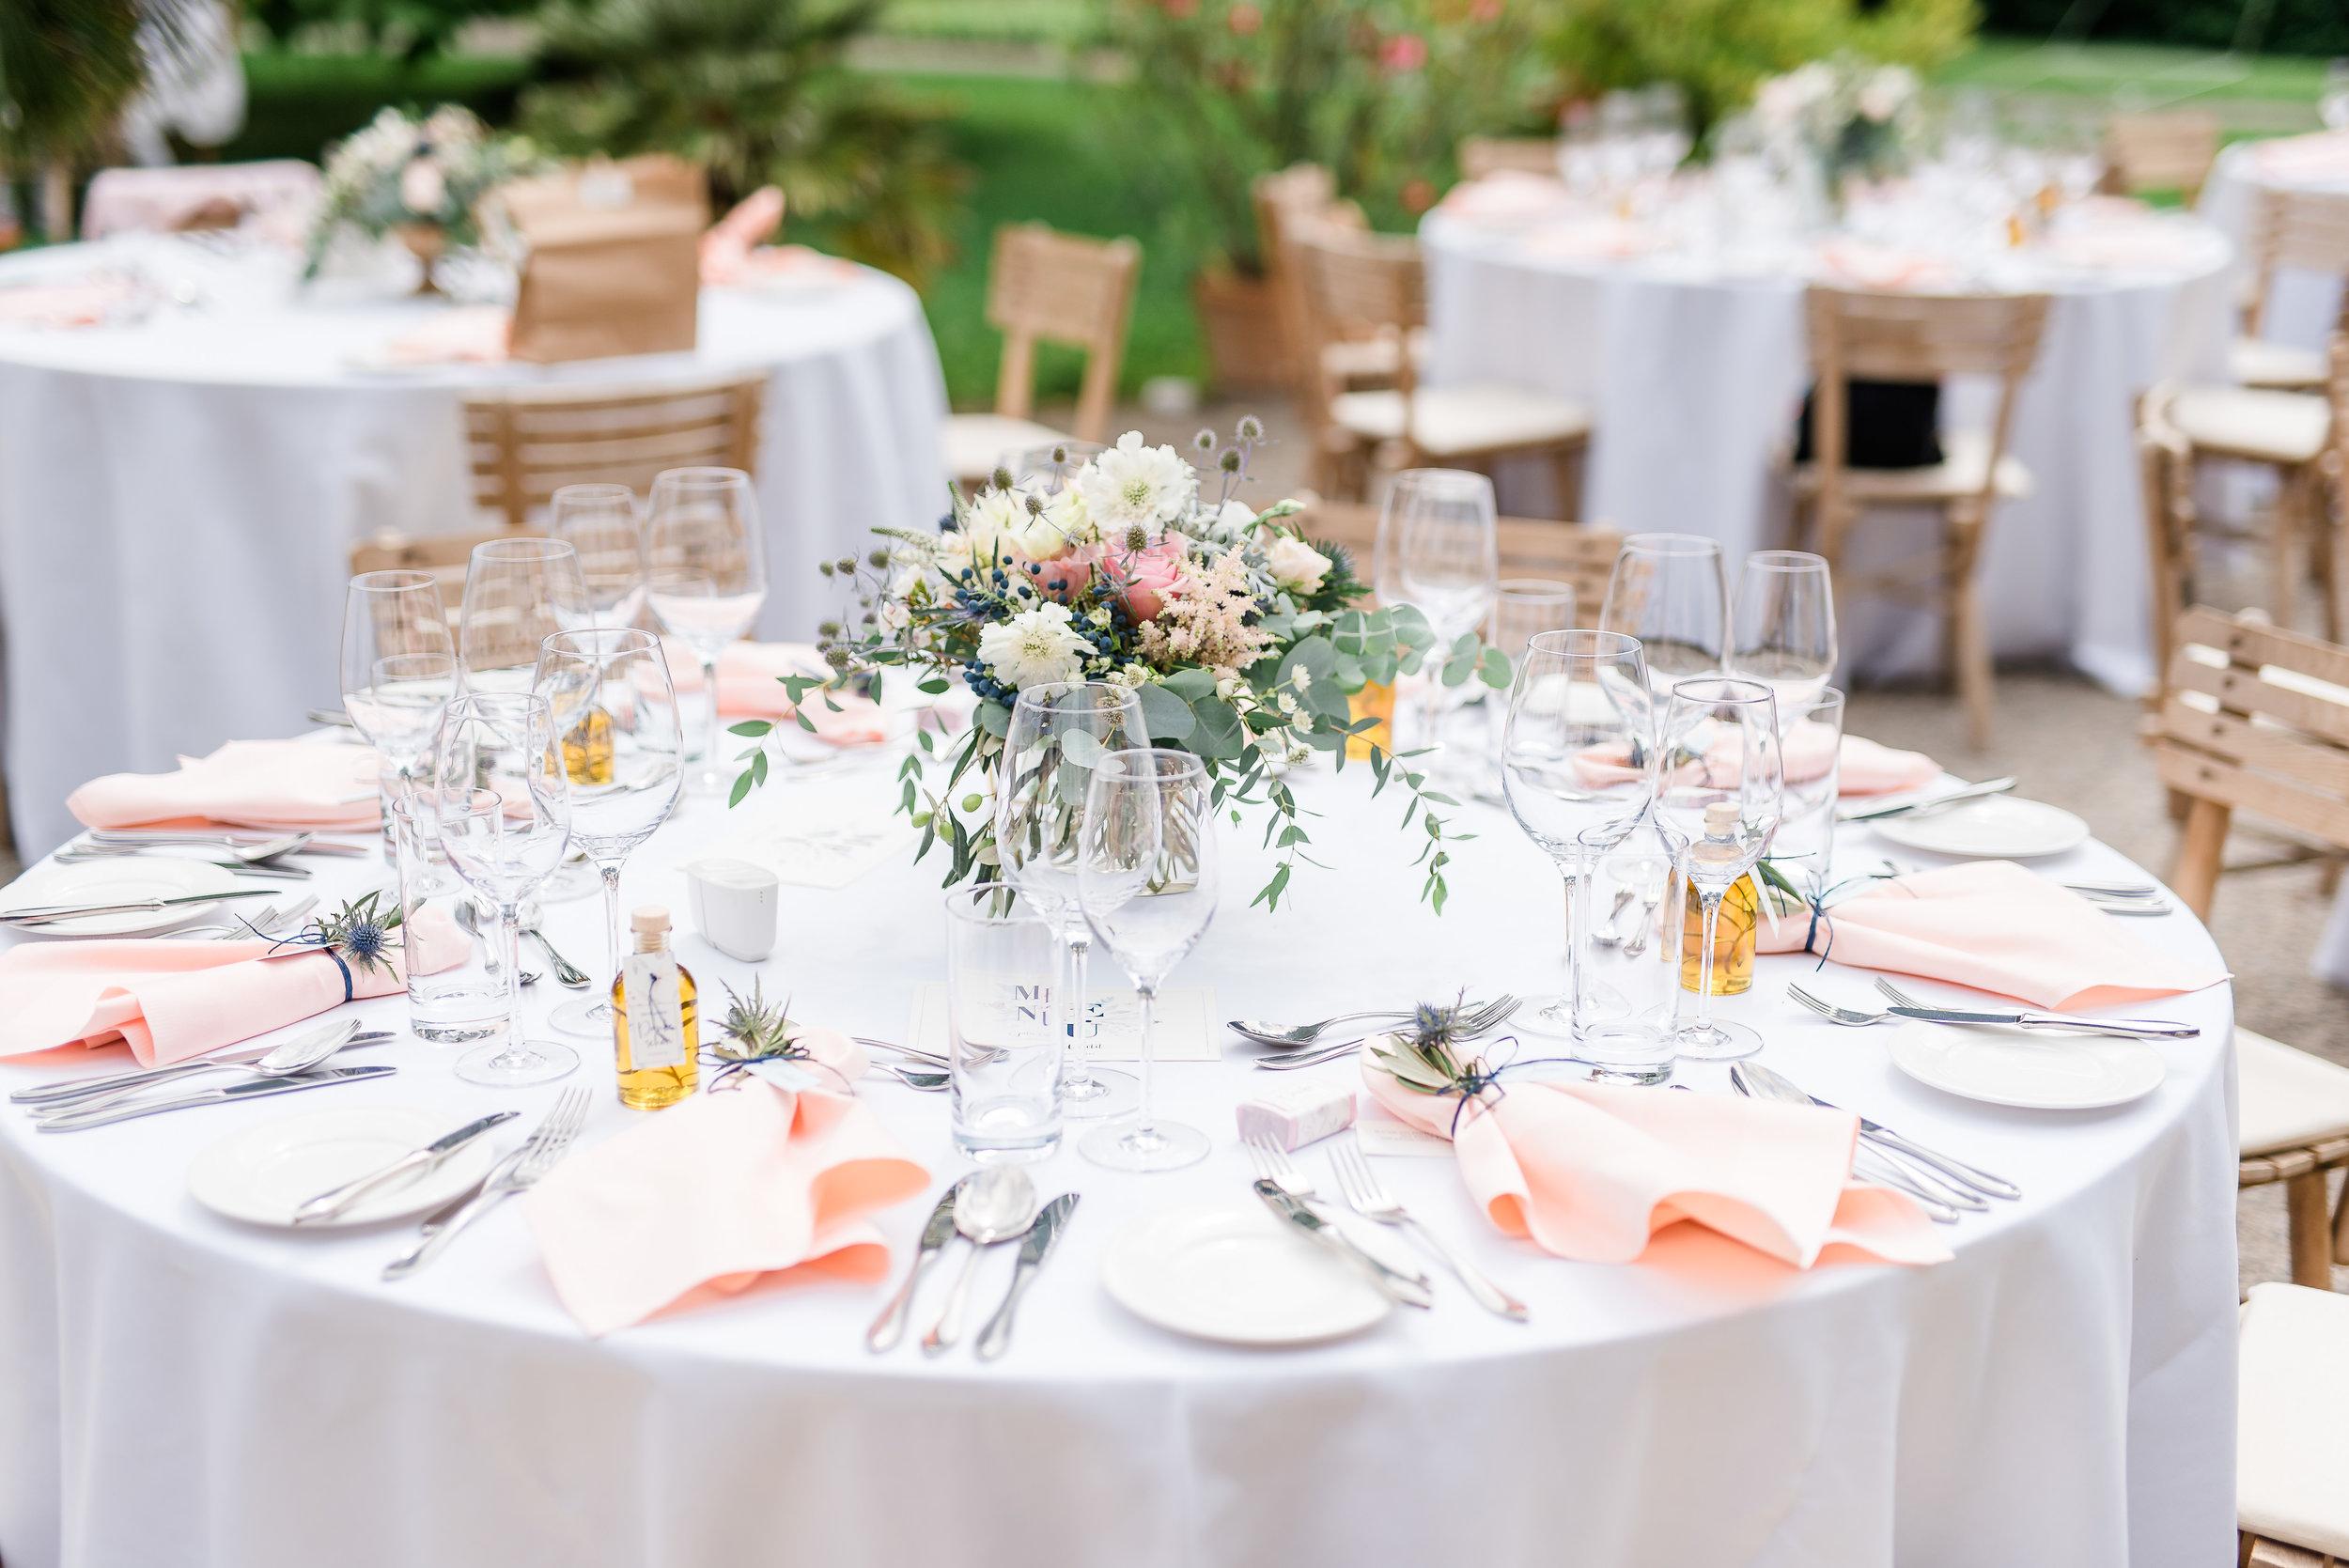 rosemarrylemon_Hochzeit_ES_Hochzeitspapeterie8.jpg